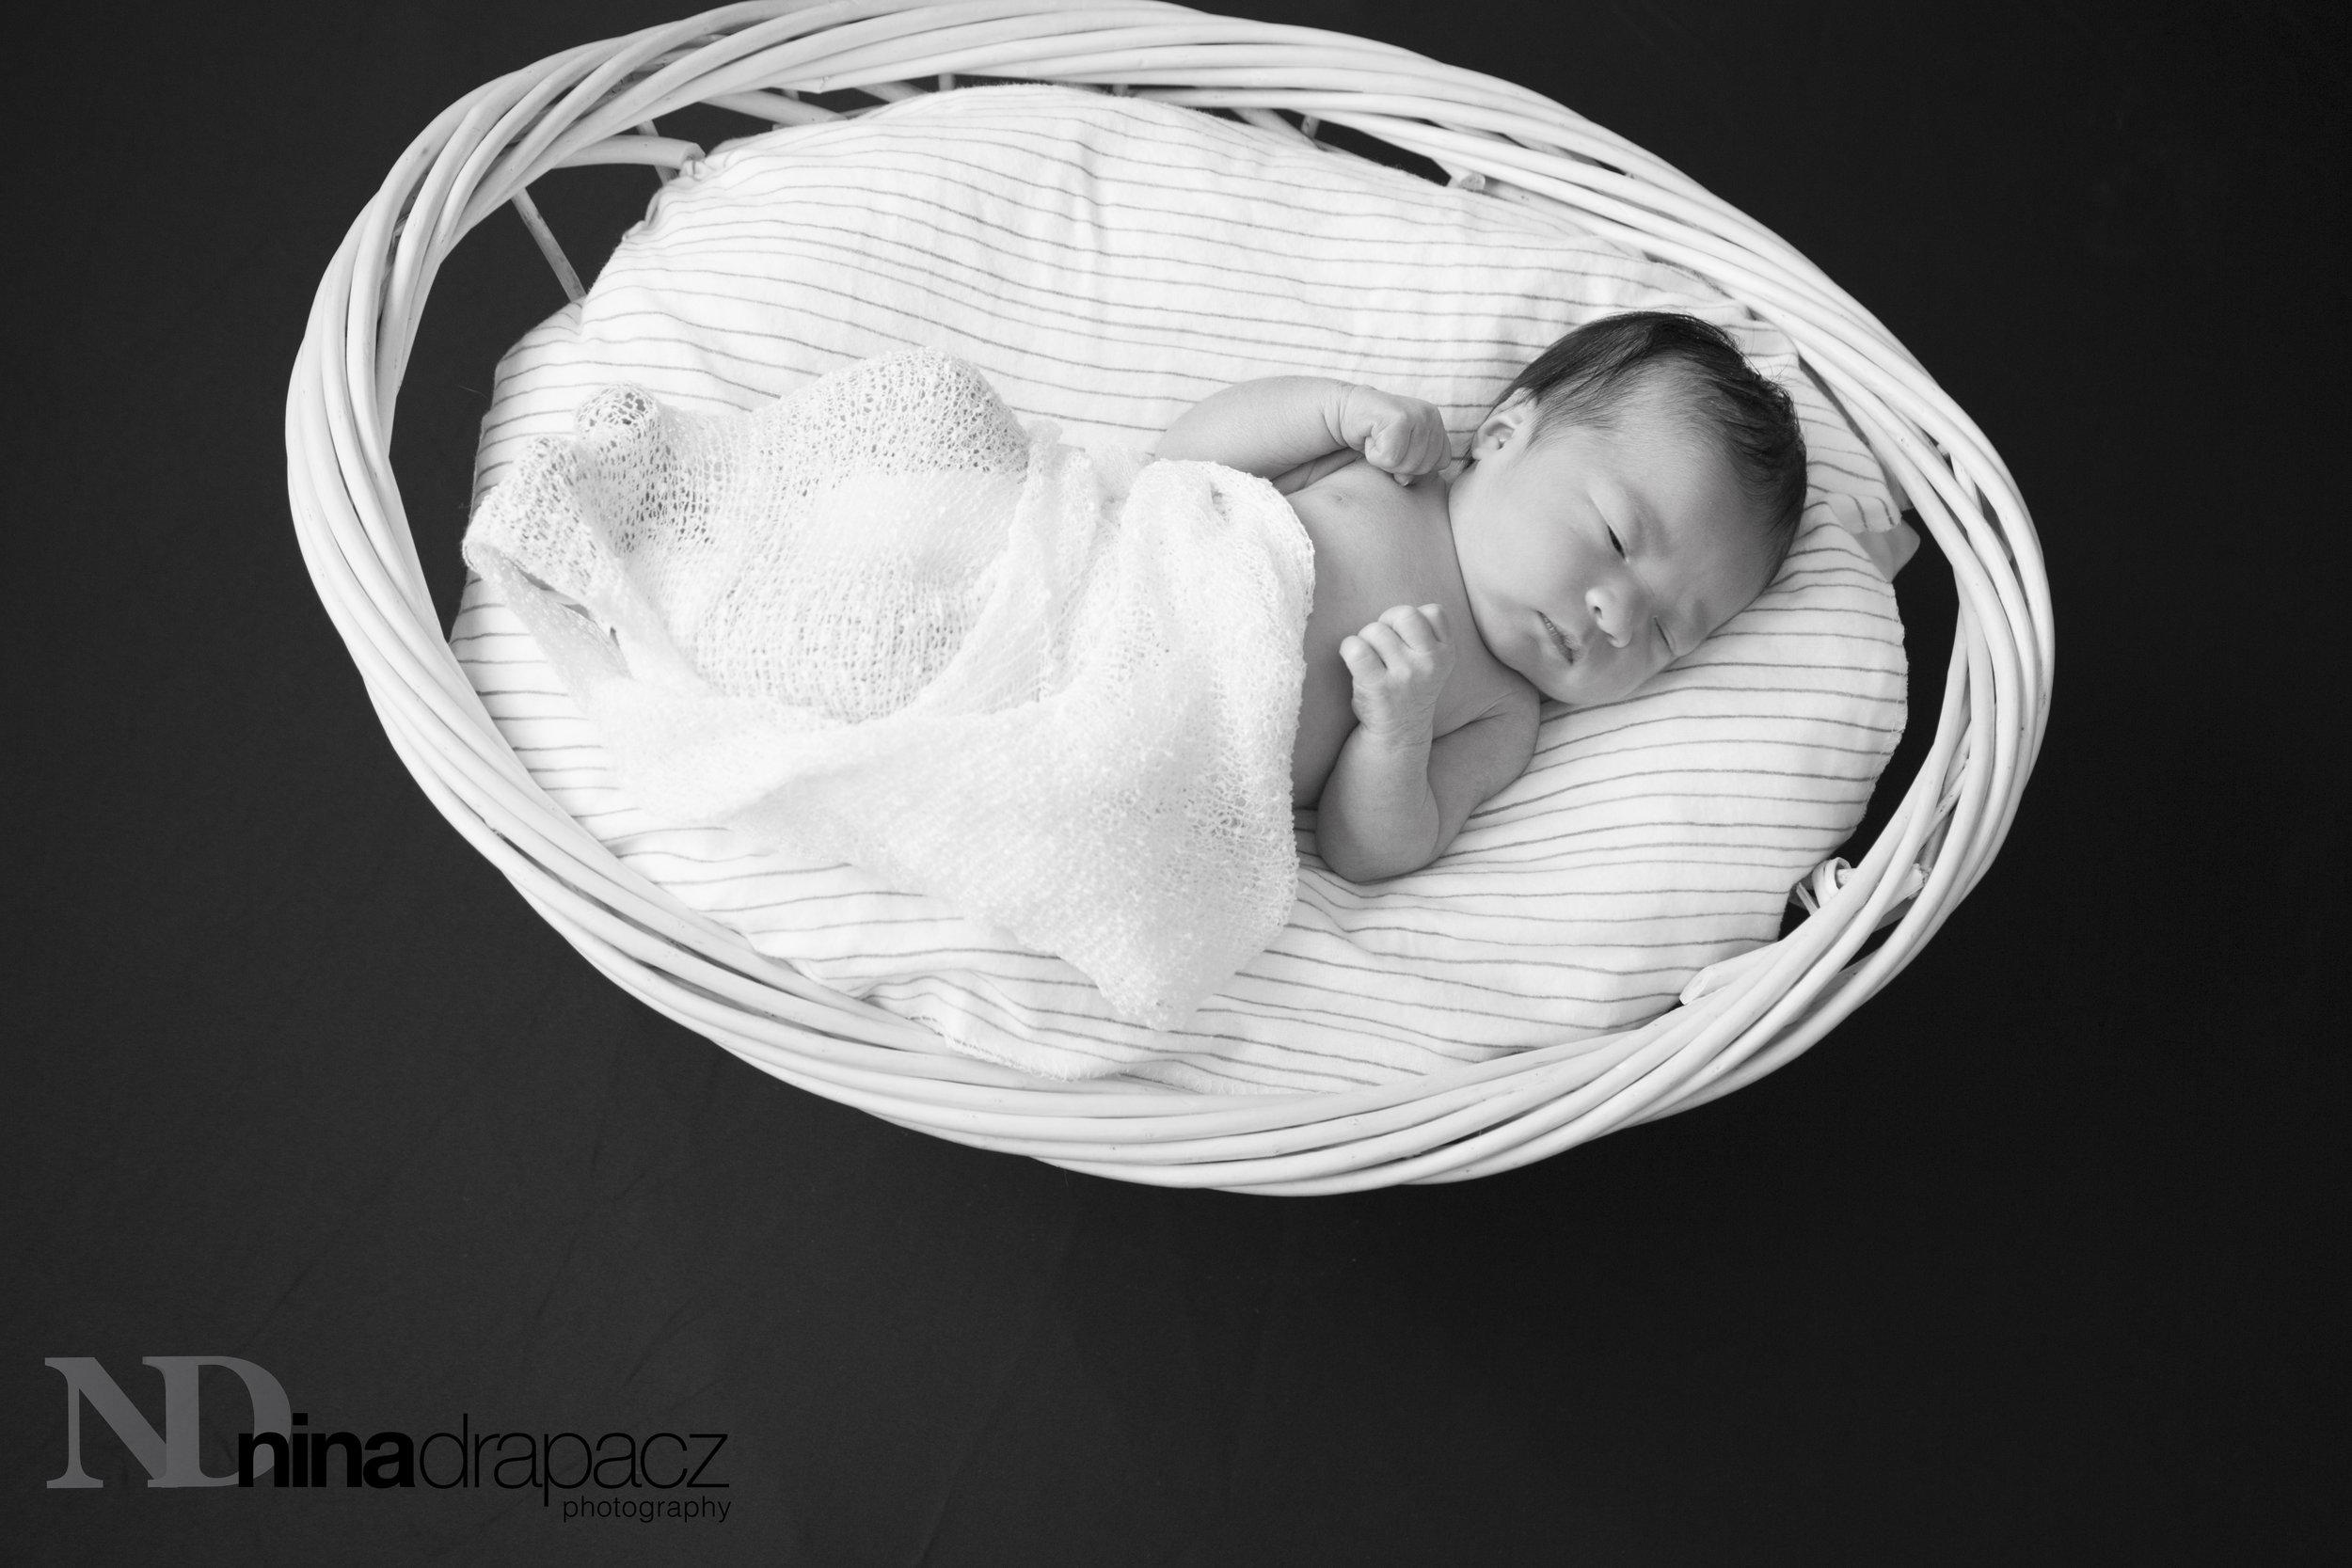 newbornbaby11.jpg